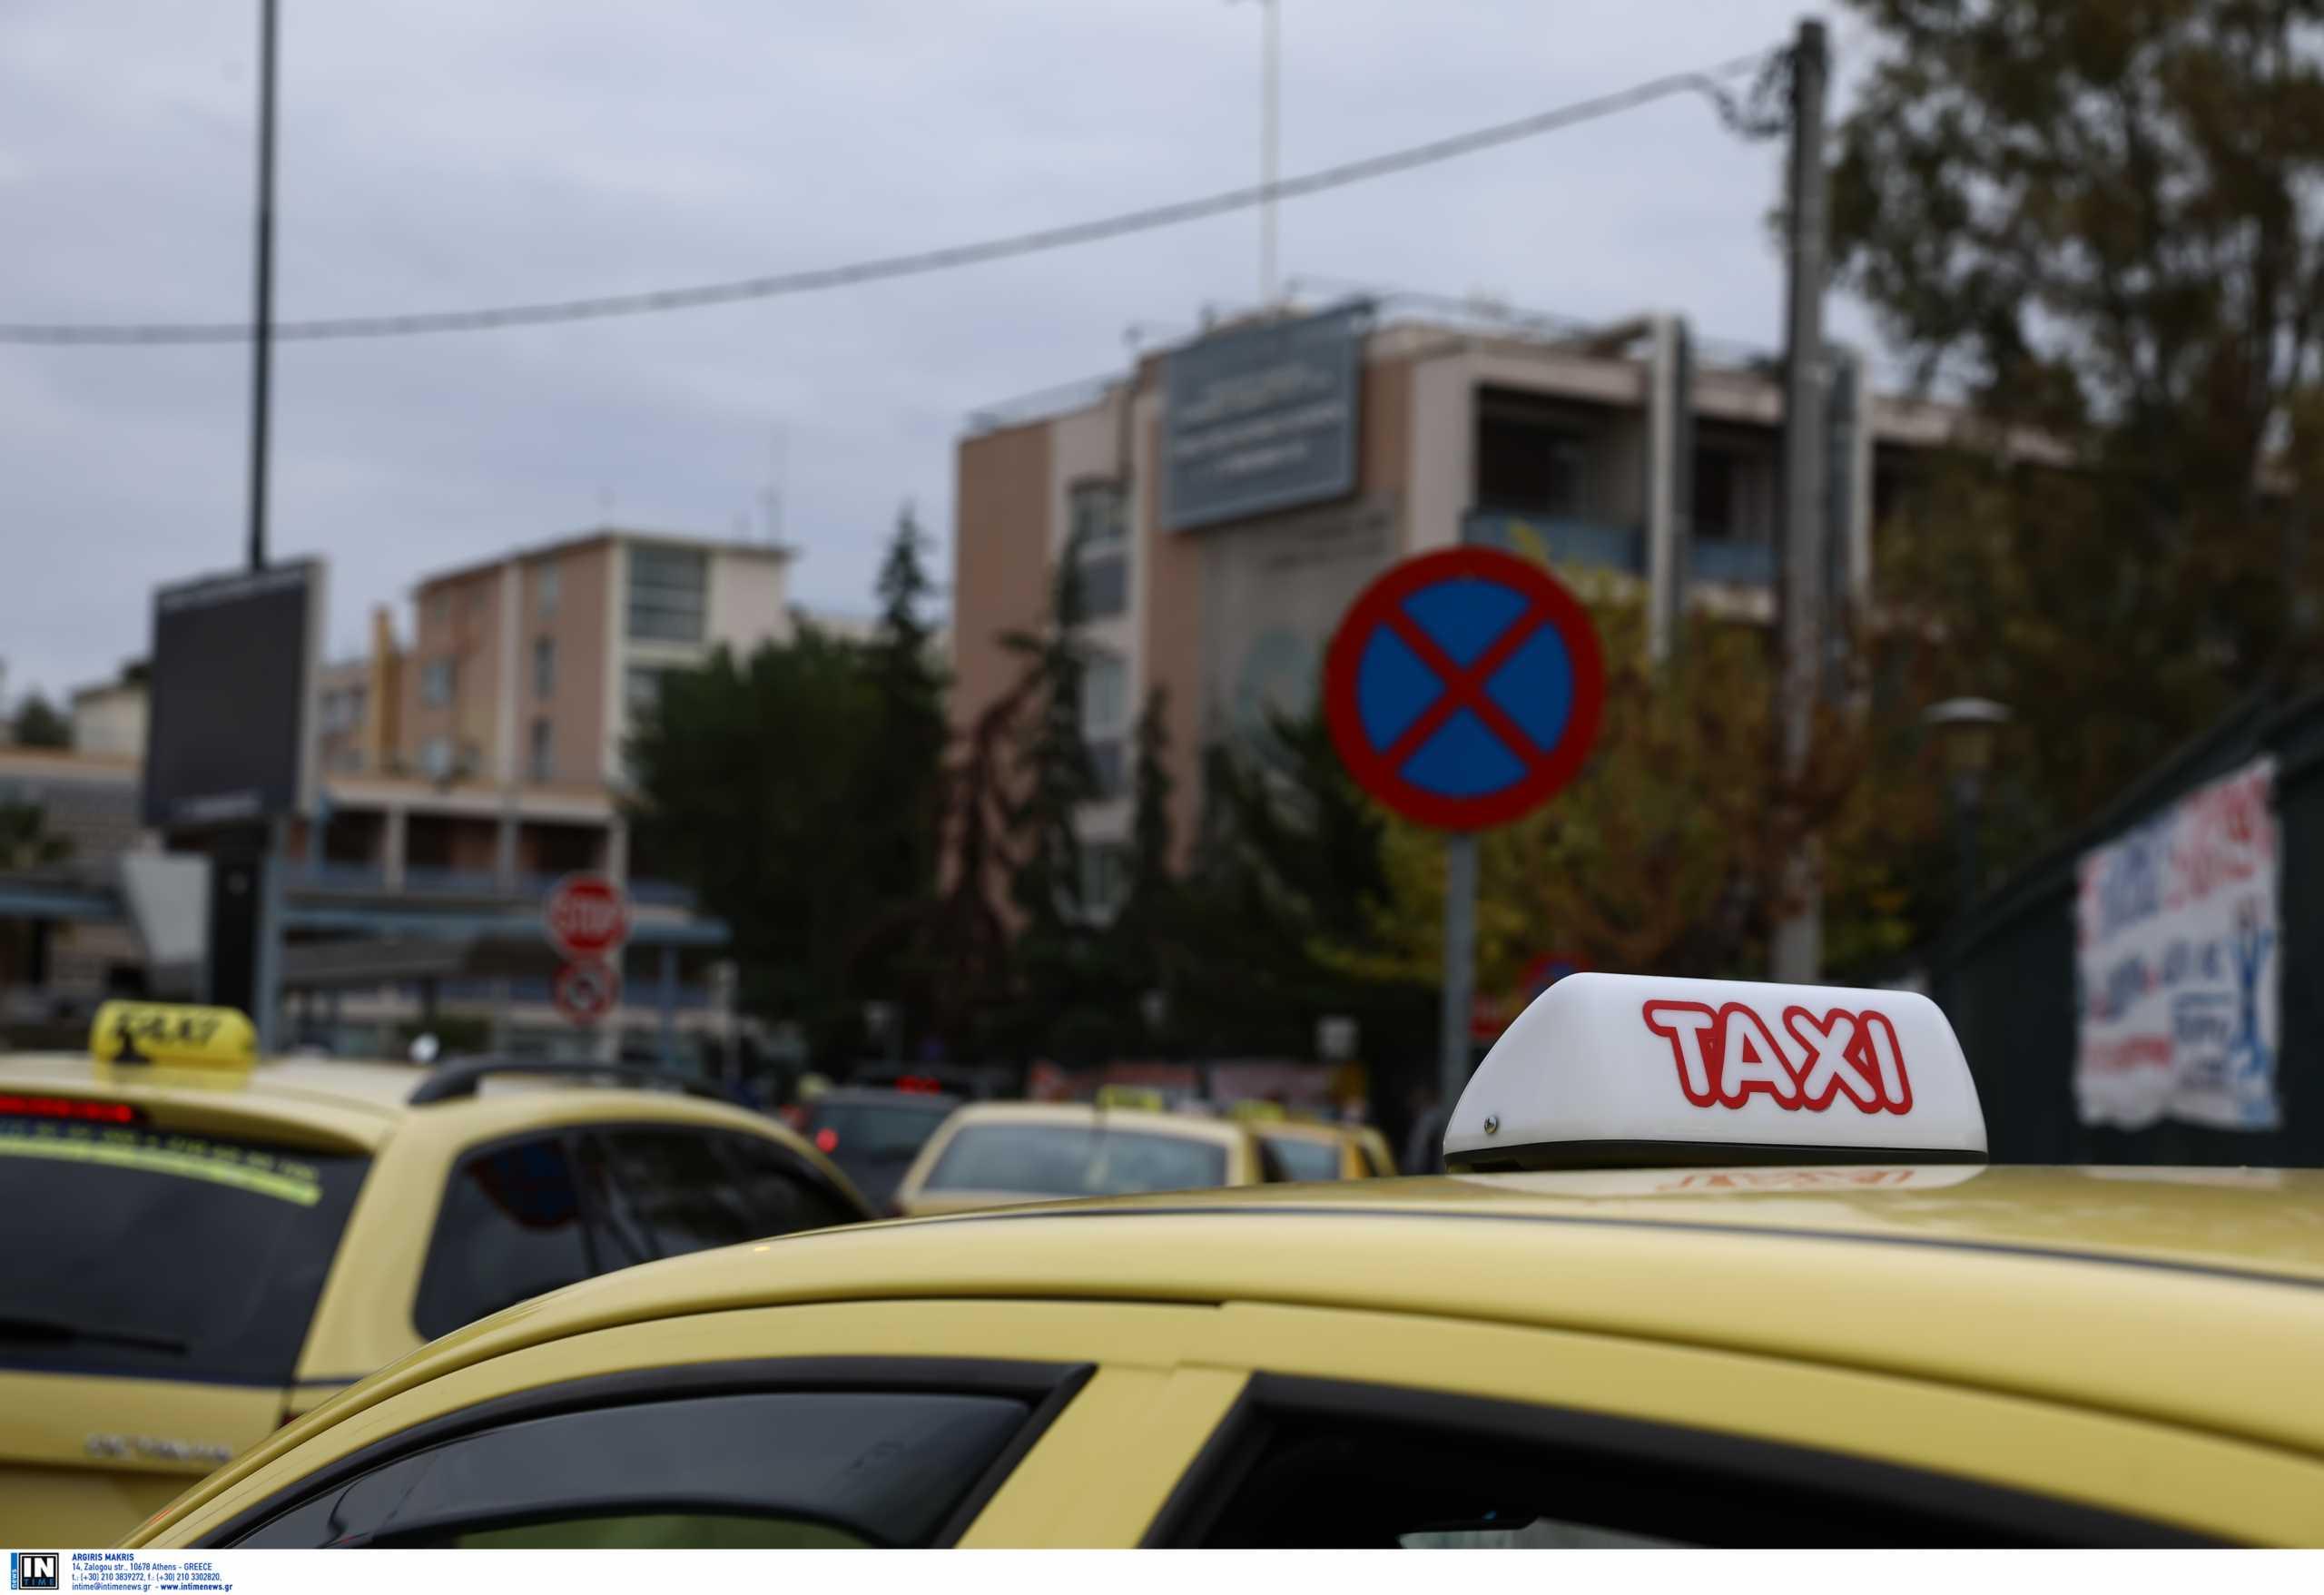 Αλλάζει το όριο επιβατών σε ΙΧ και ταξί